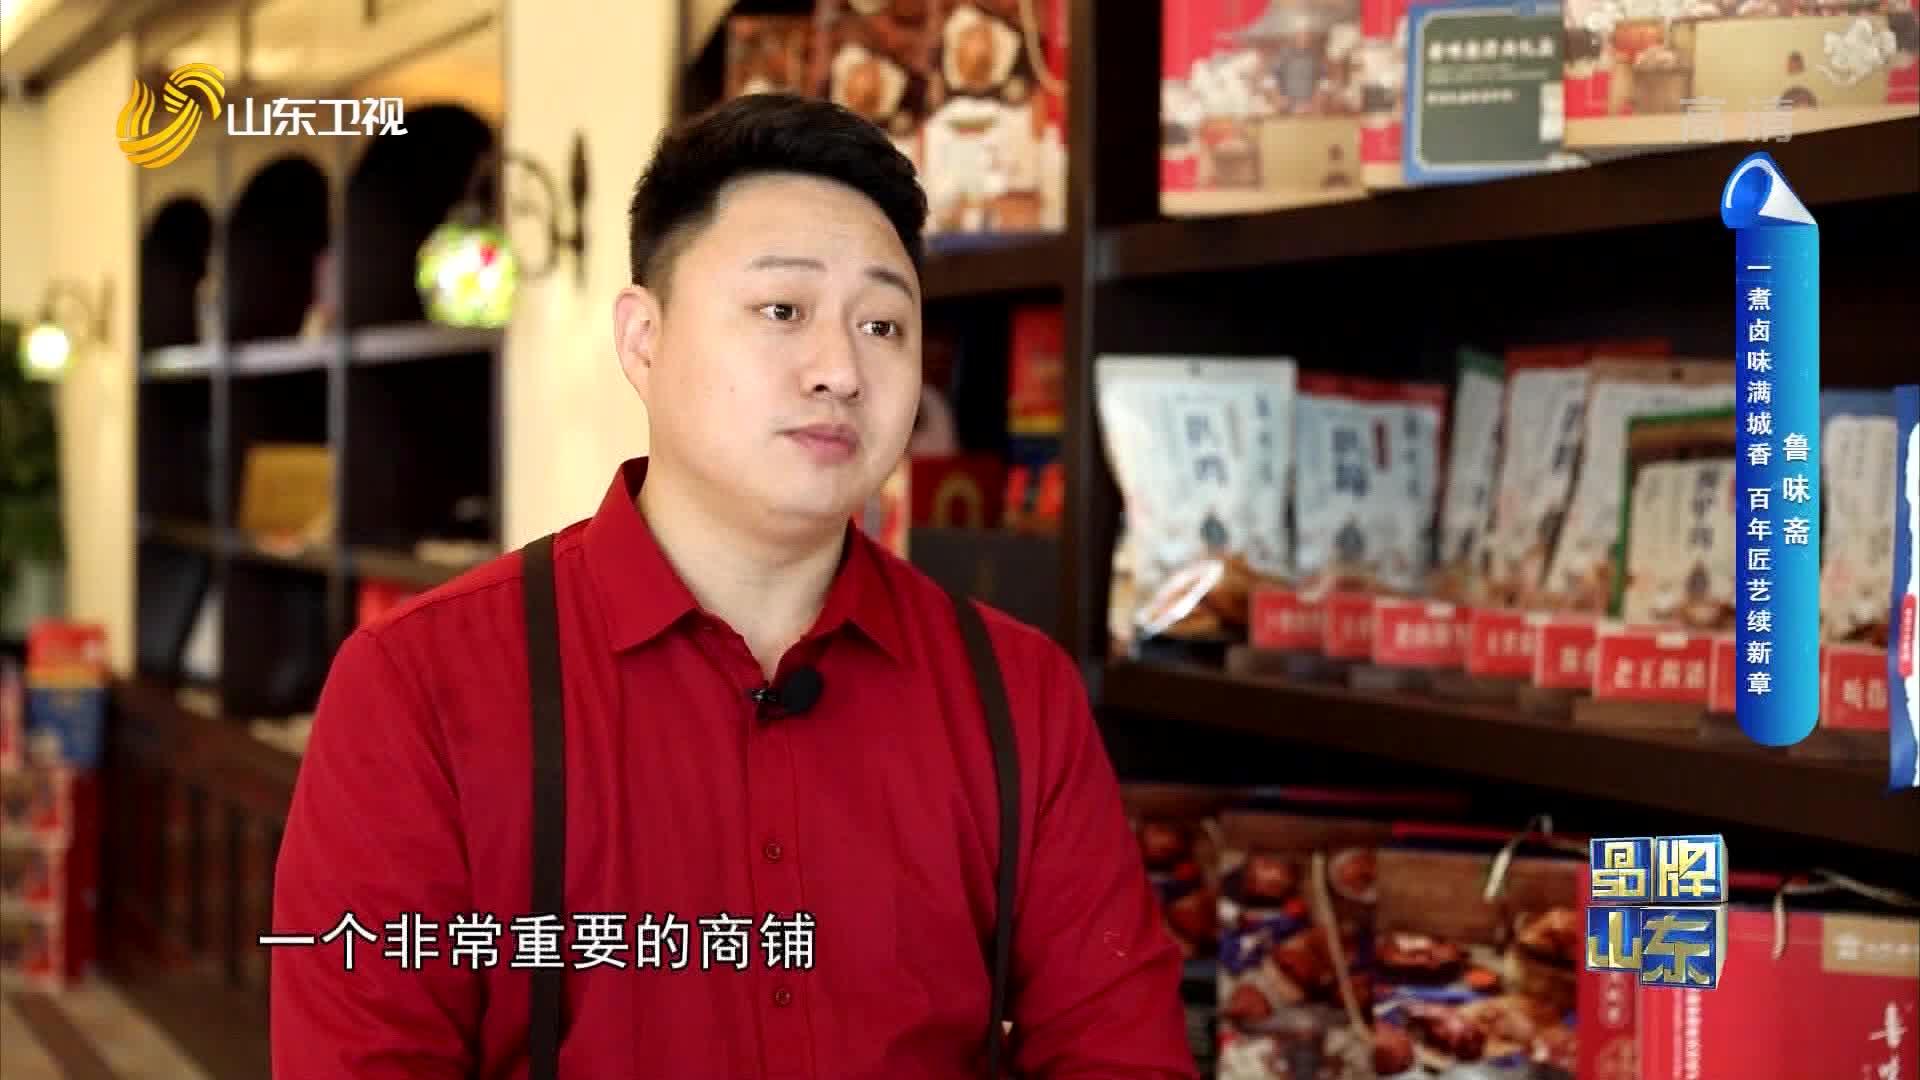 【品牌新势力】鲁味斋:一煮卤味满城香 百年匠艺续新章